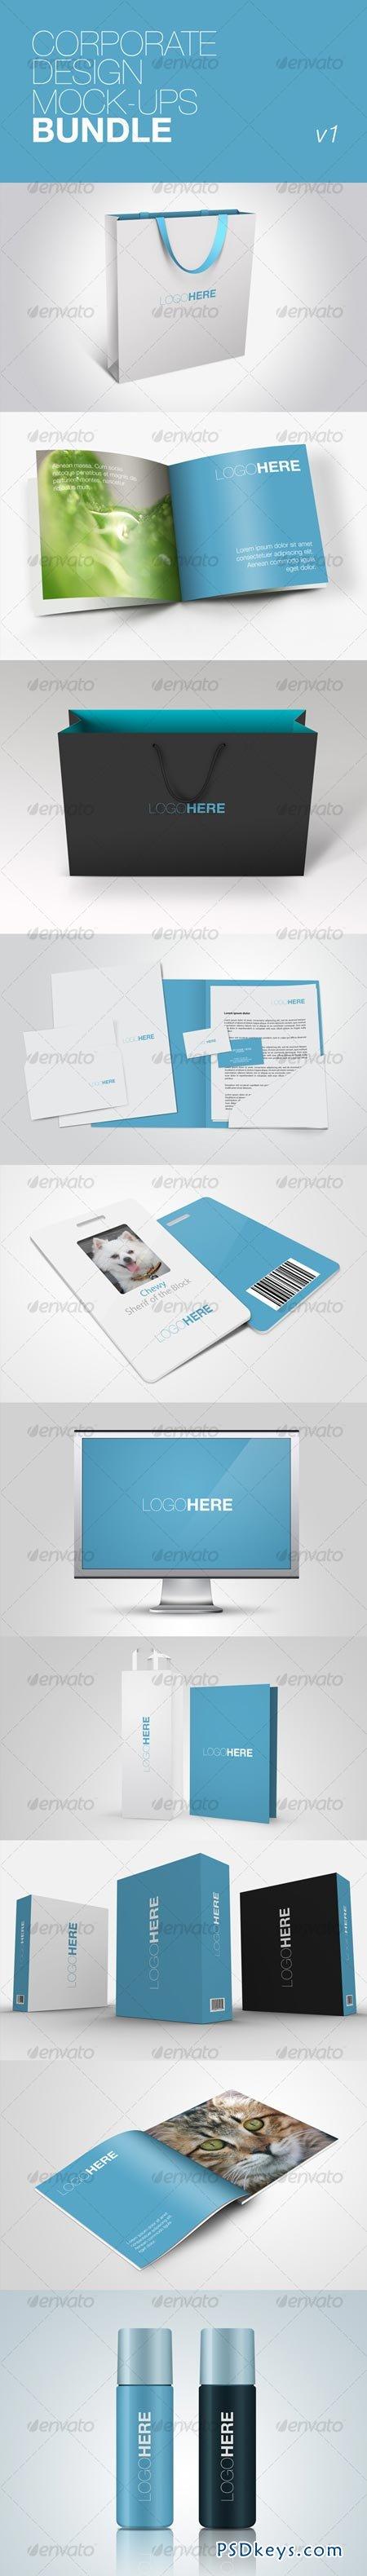 Corporate Design Mock-ups Bundle v1 72429